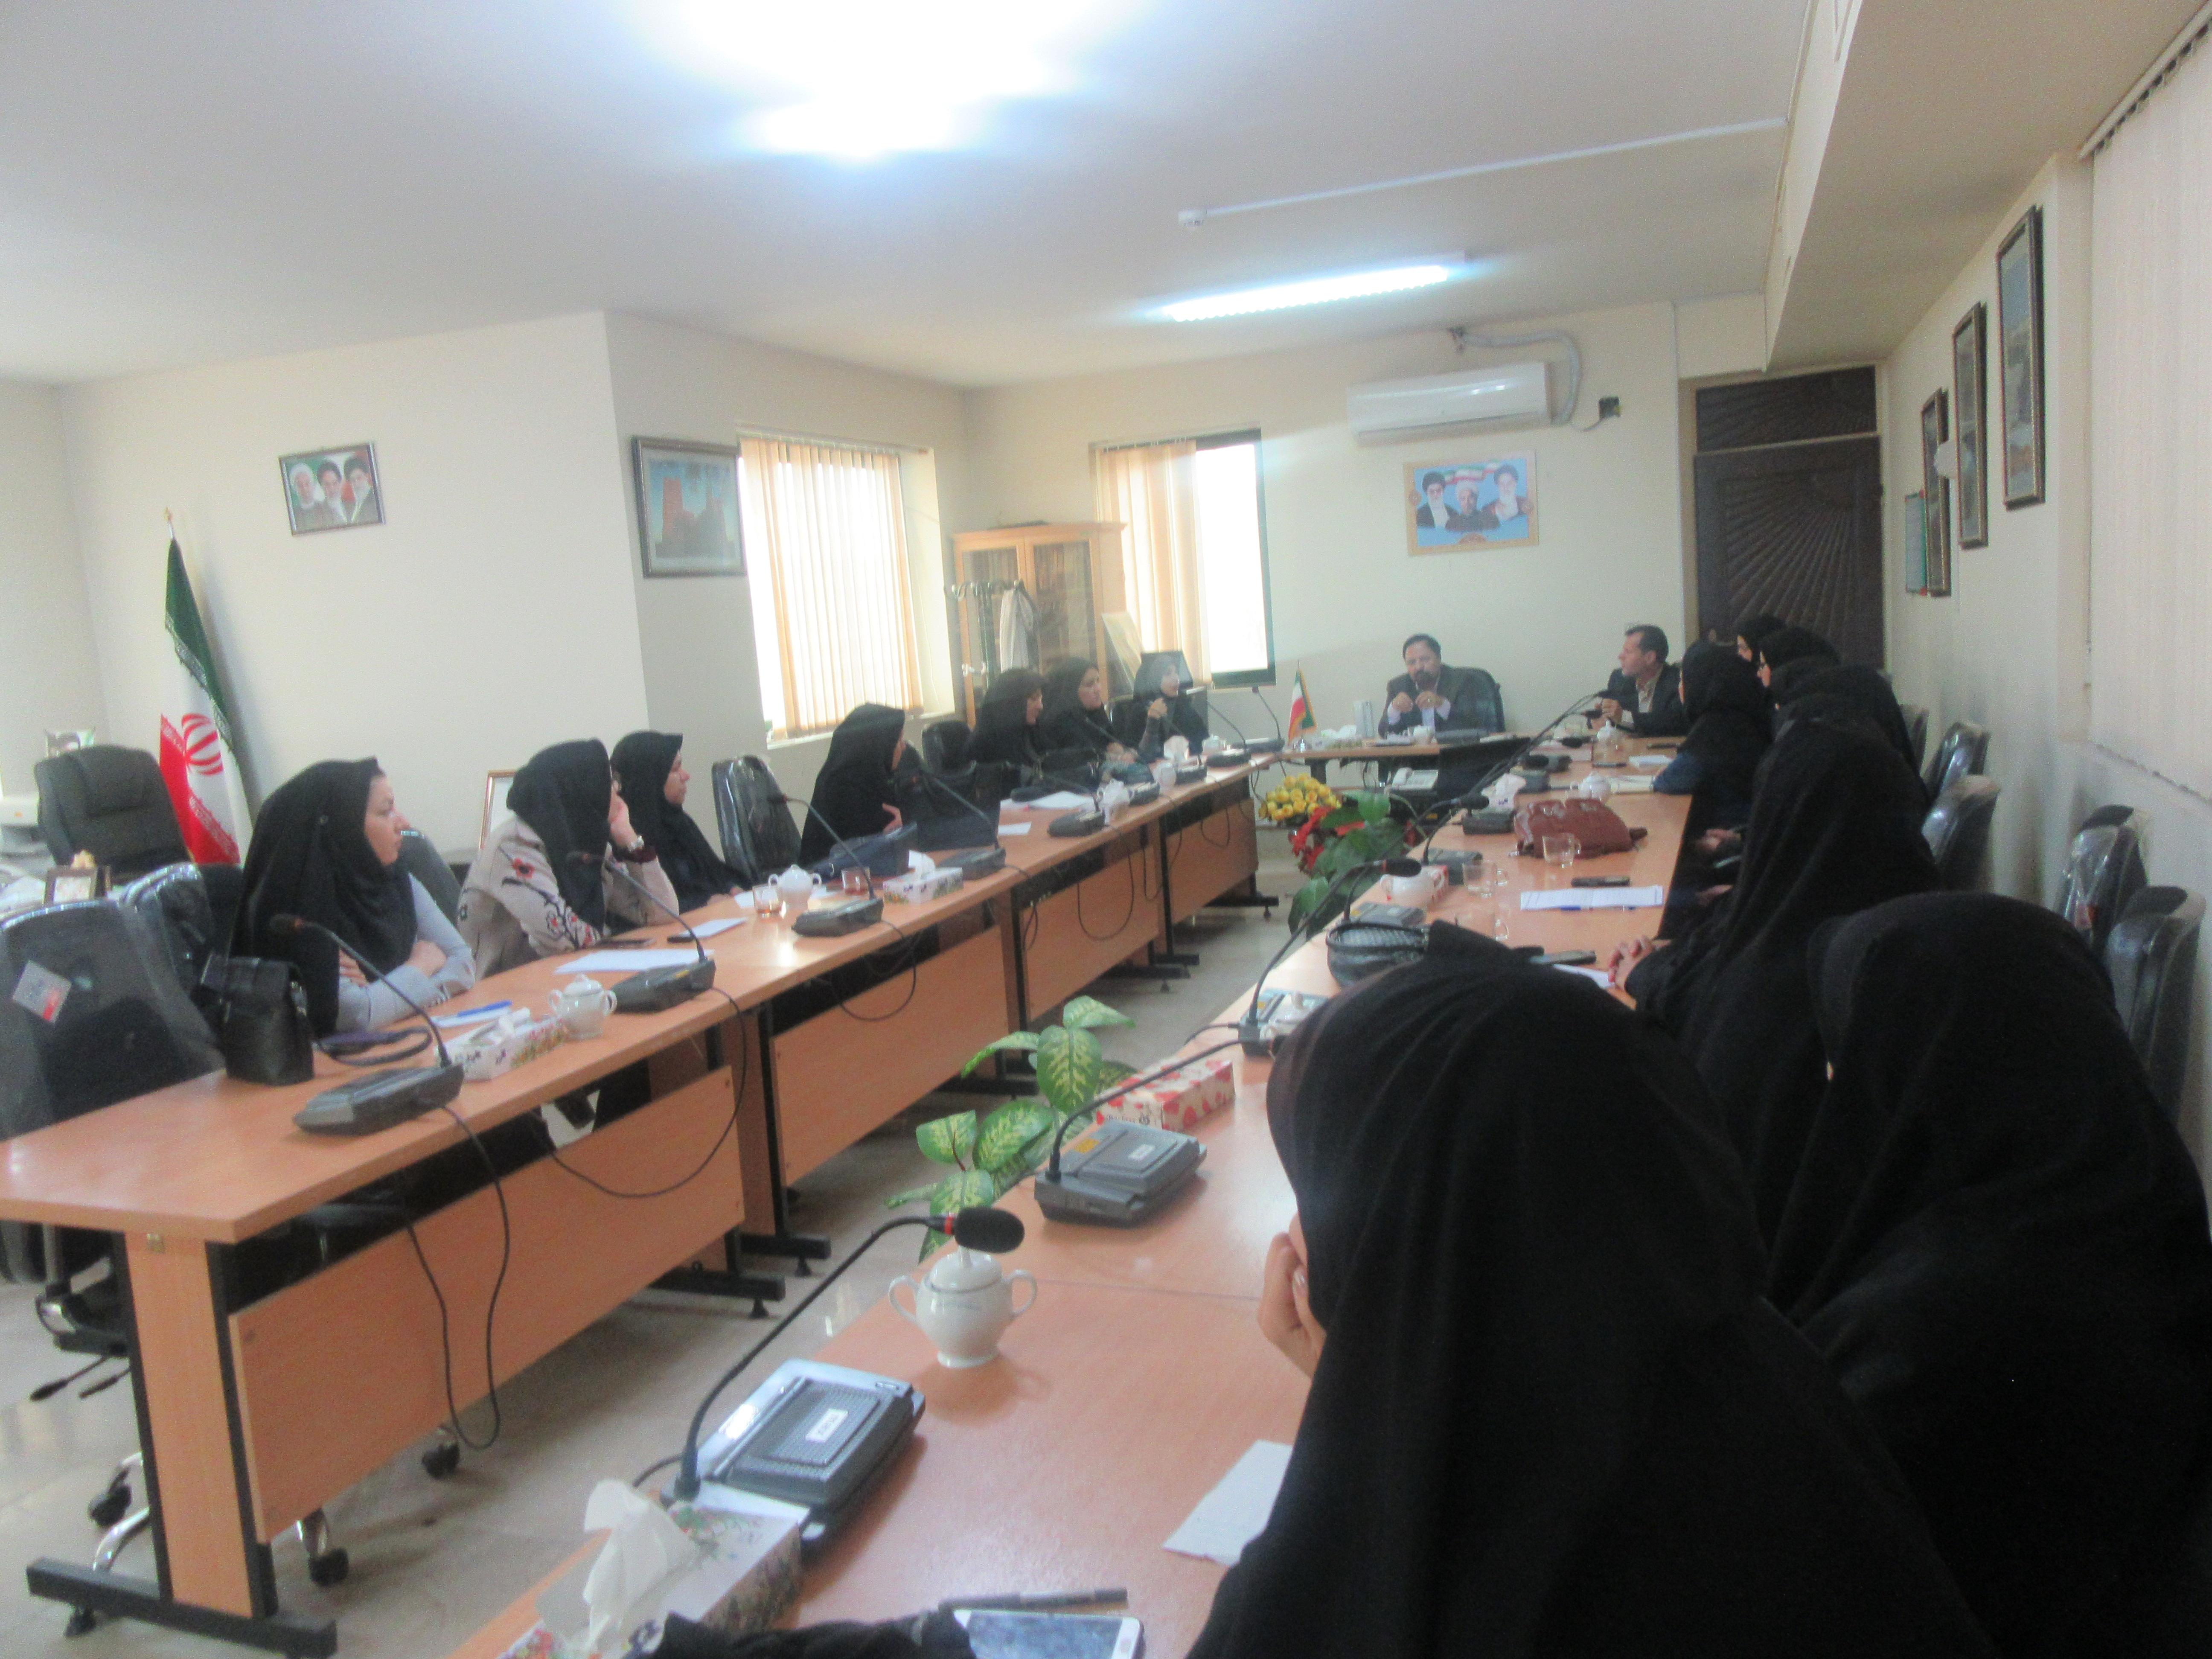 جلسه کارگروه امور بانوان و خانواده شهرستان خواف برگزار گردید